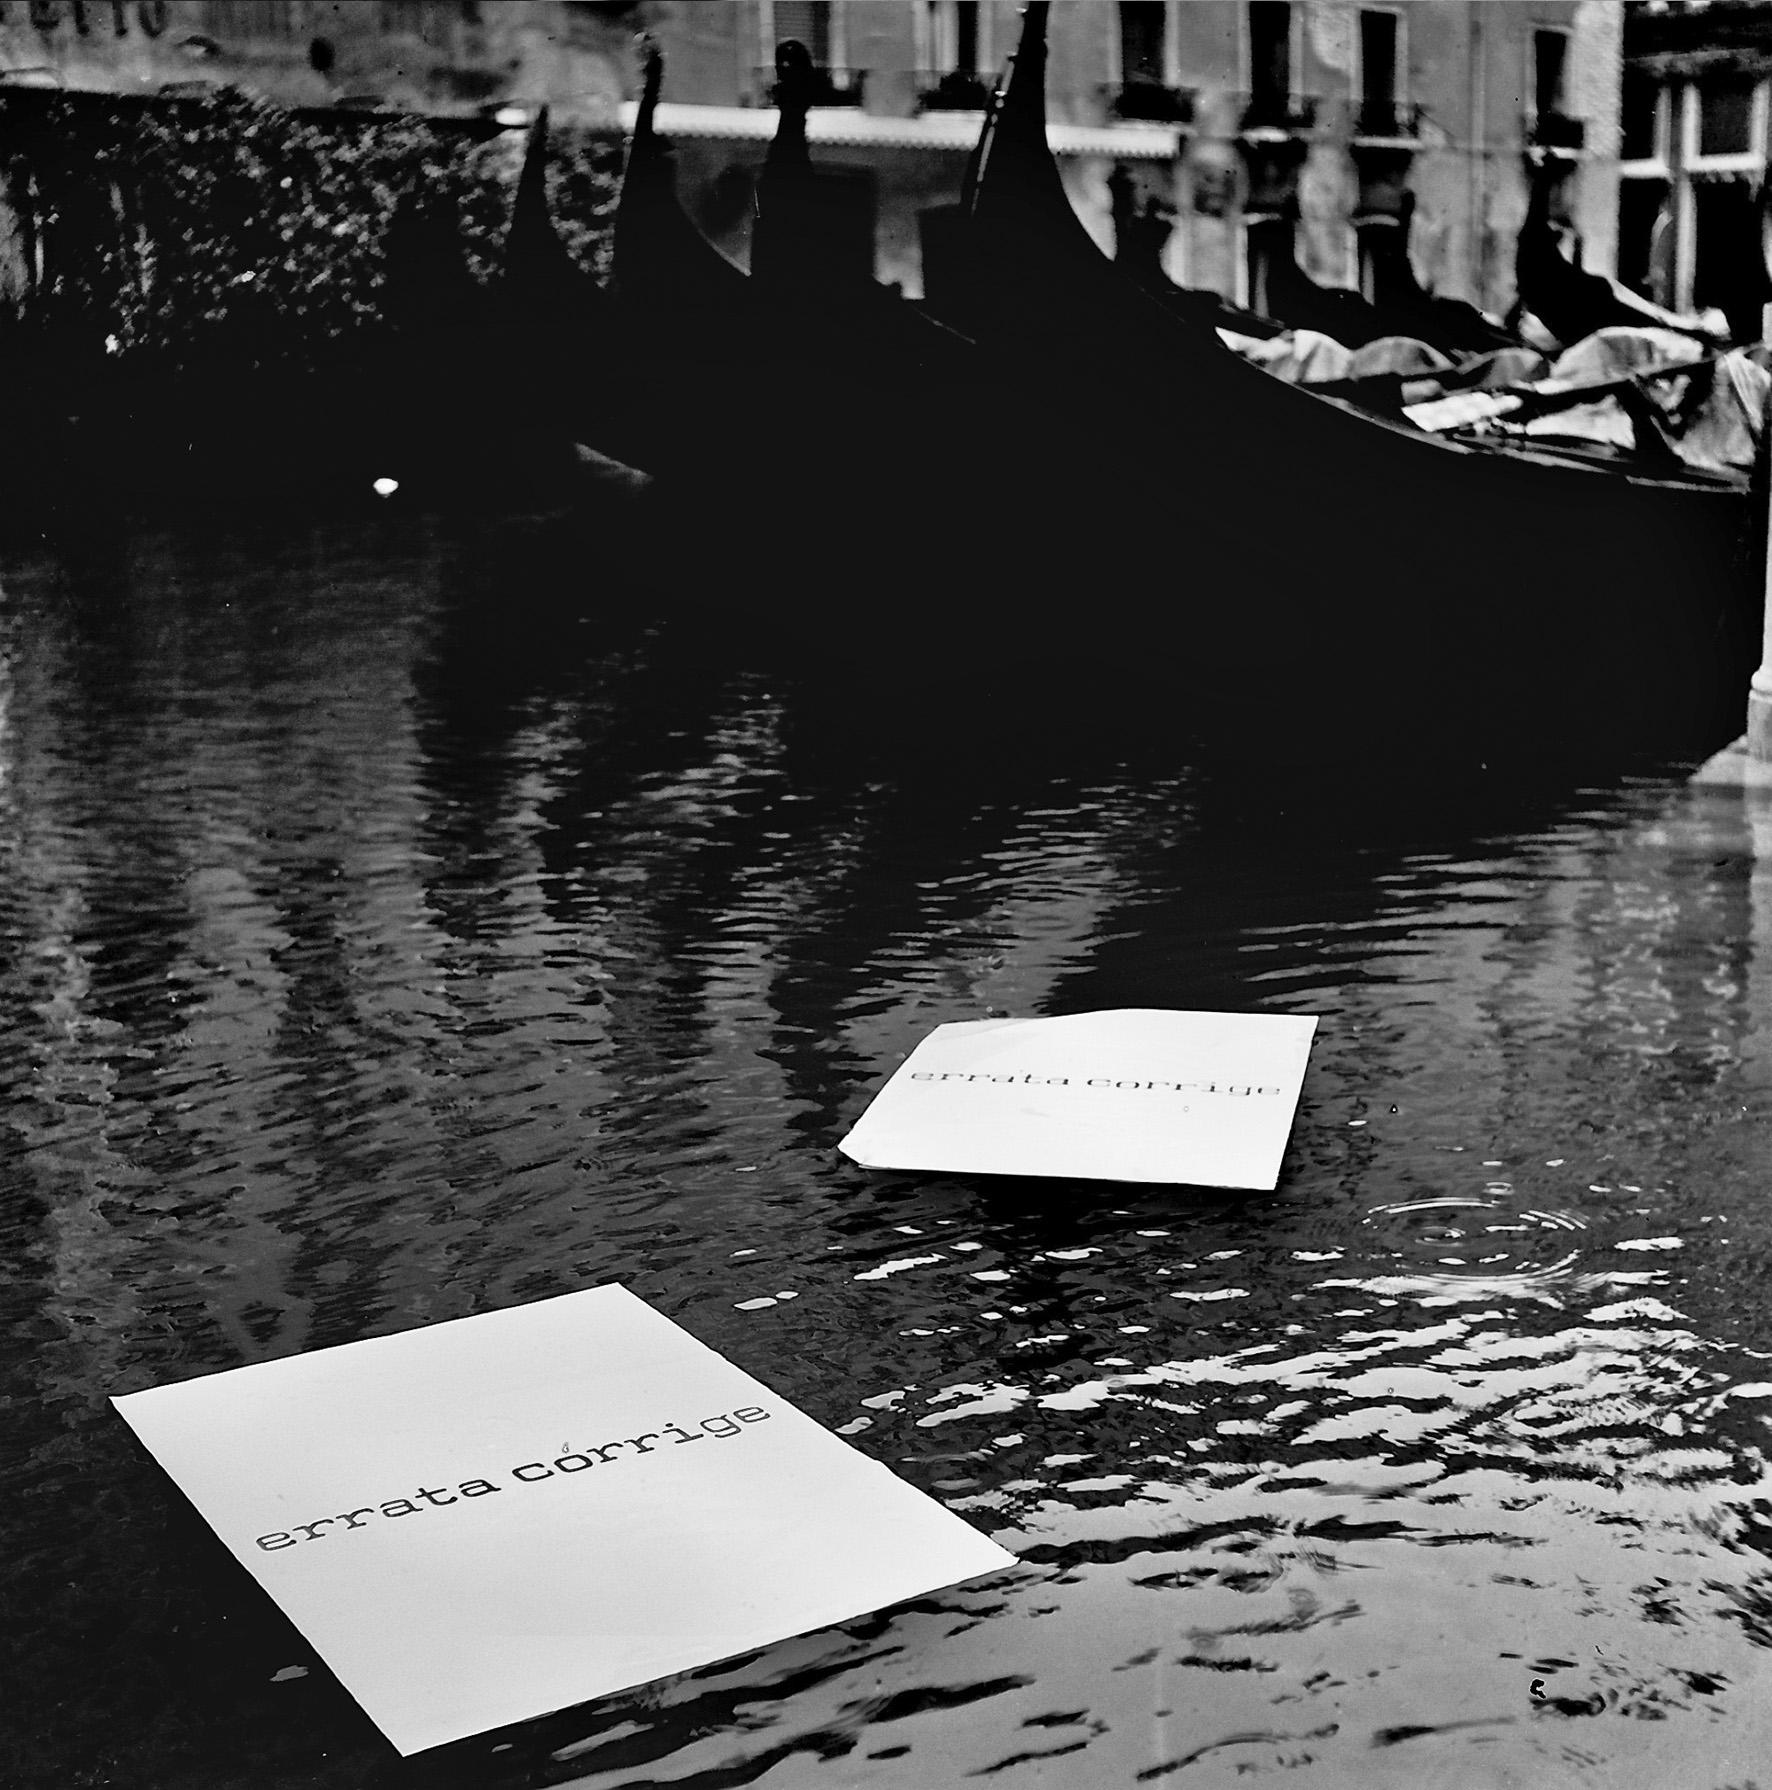 Errata corrige, 1975: Venezia laguna